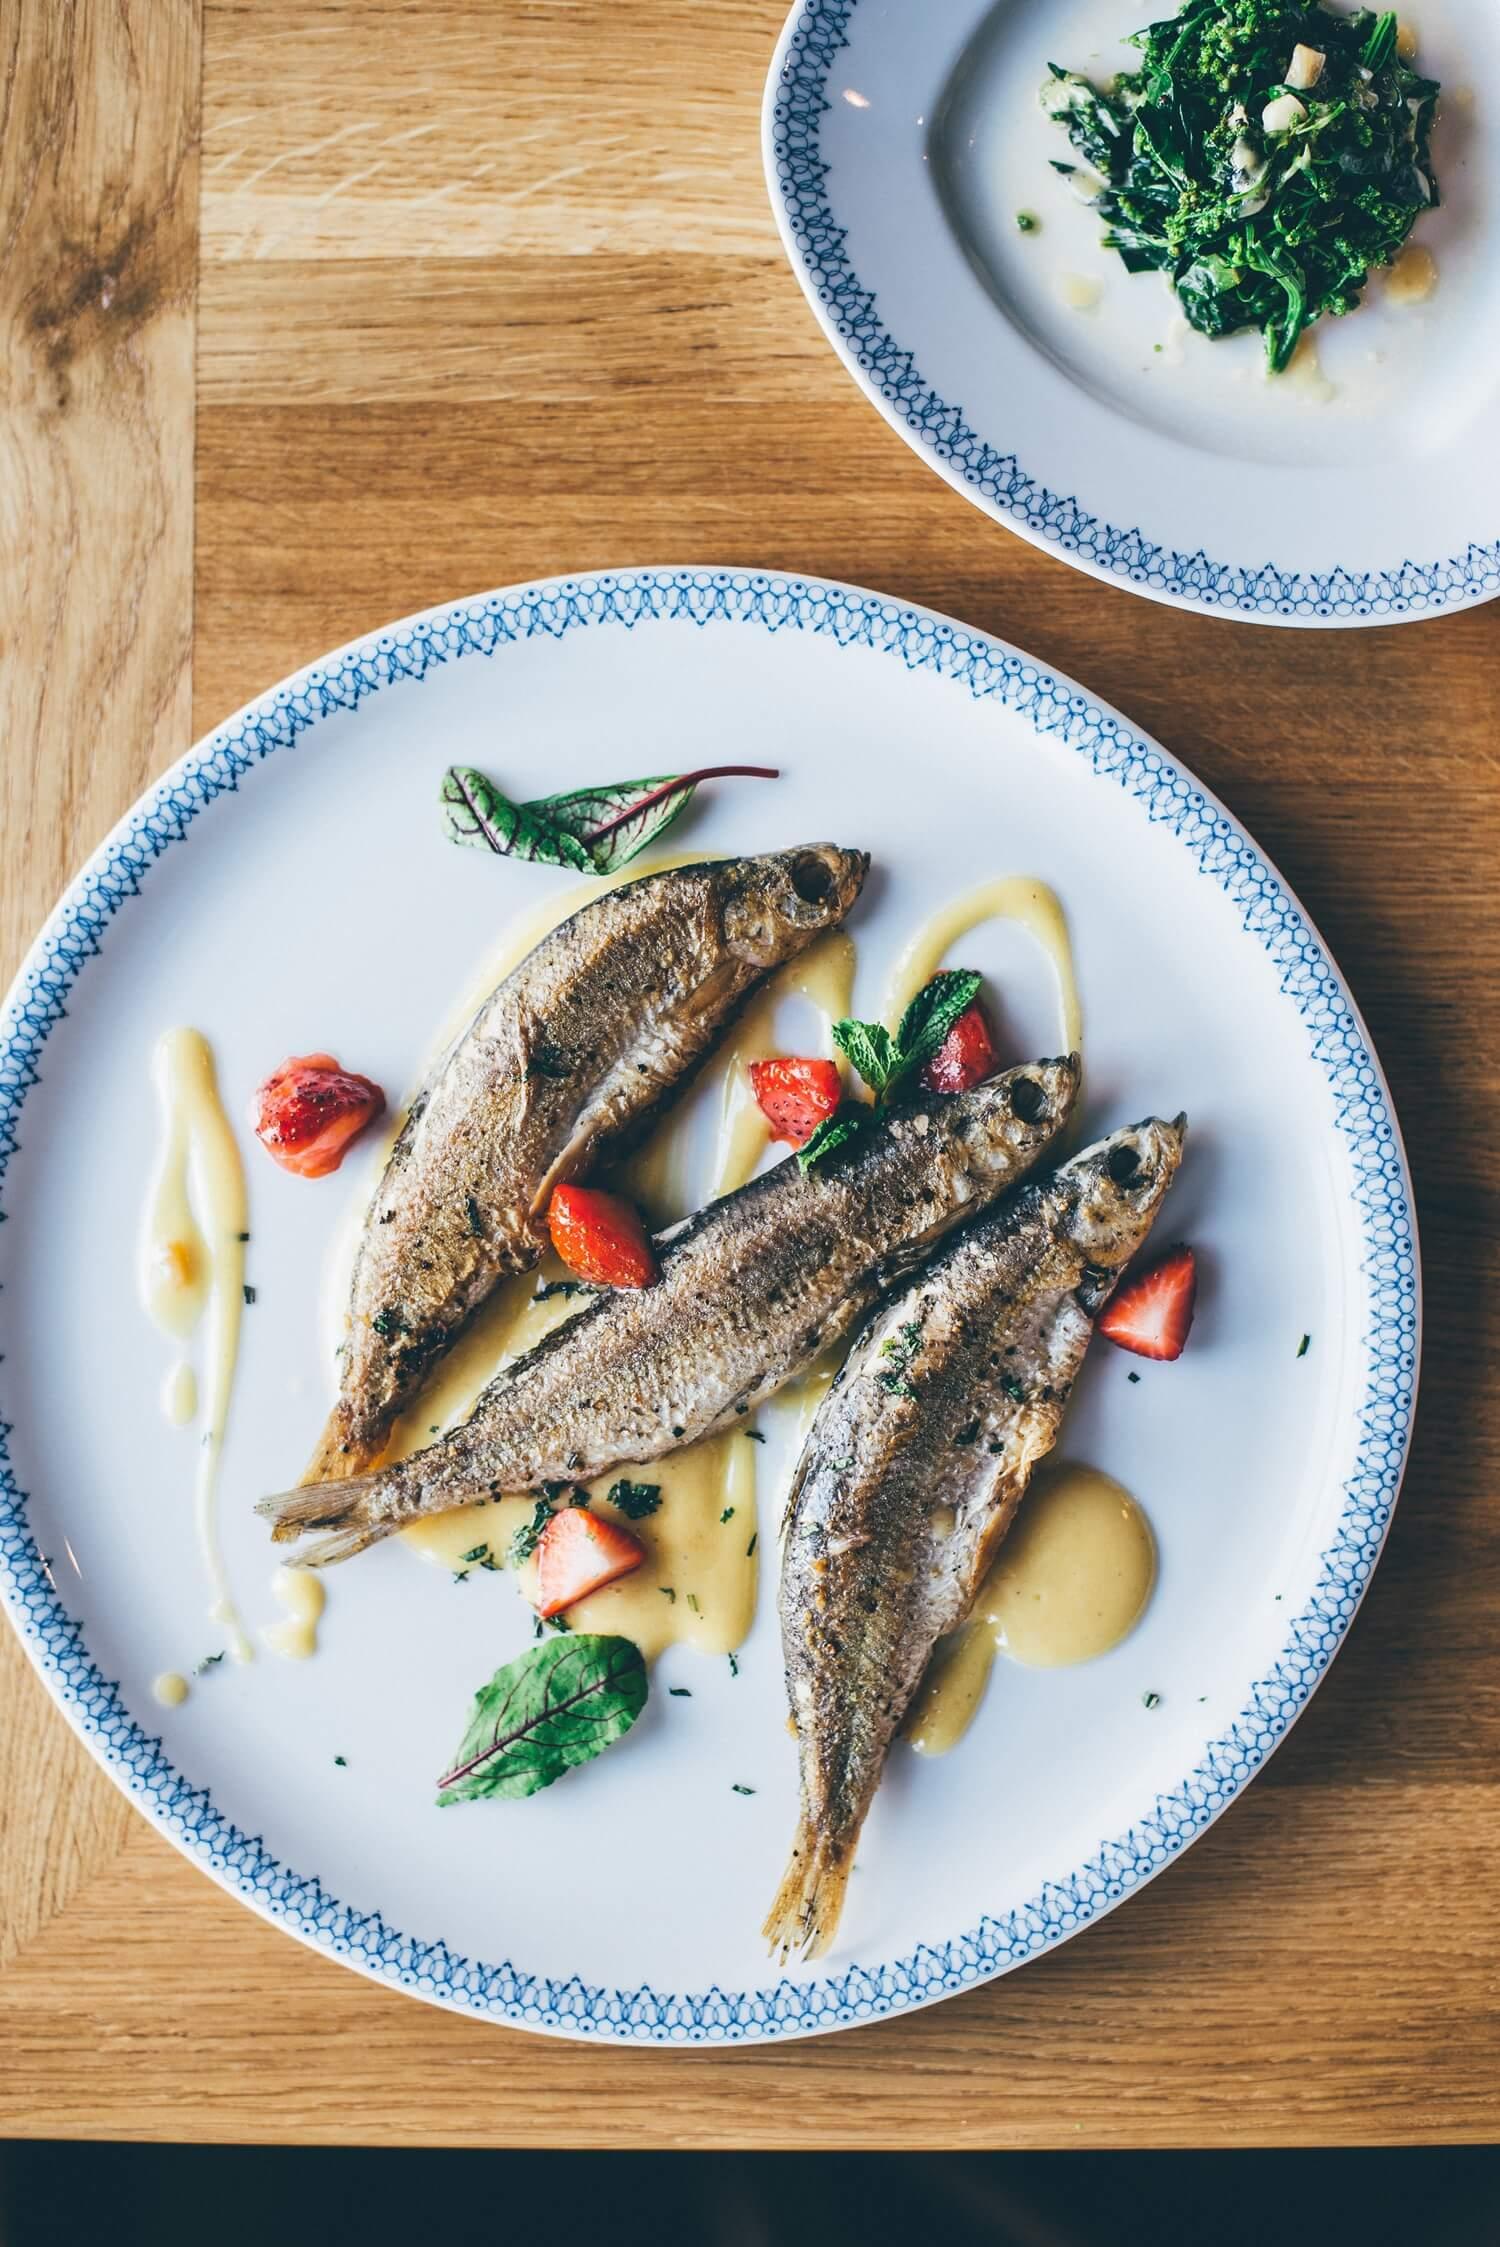 whitefish in cafe polskie smaki restaurant in Sopot